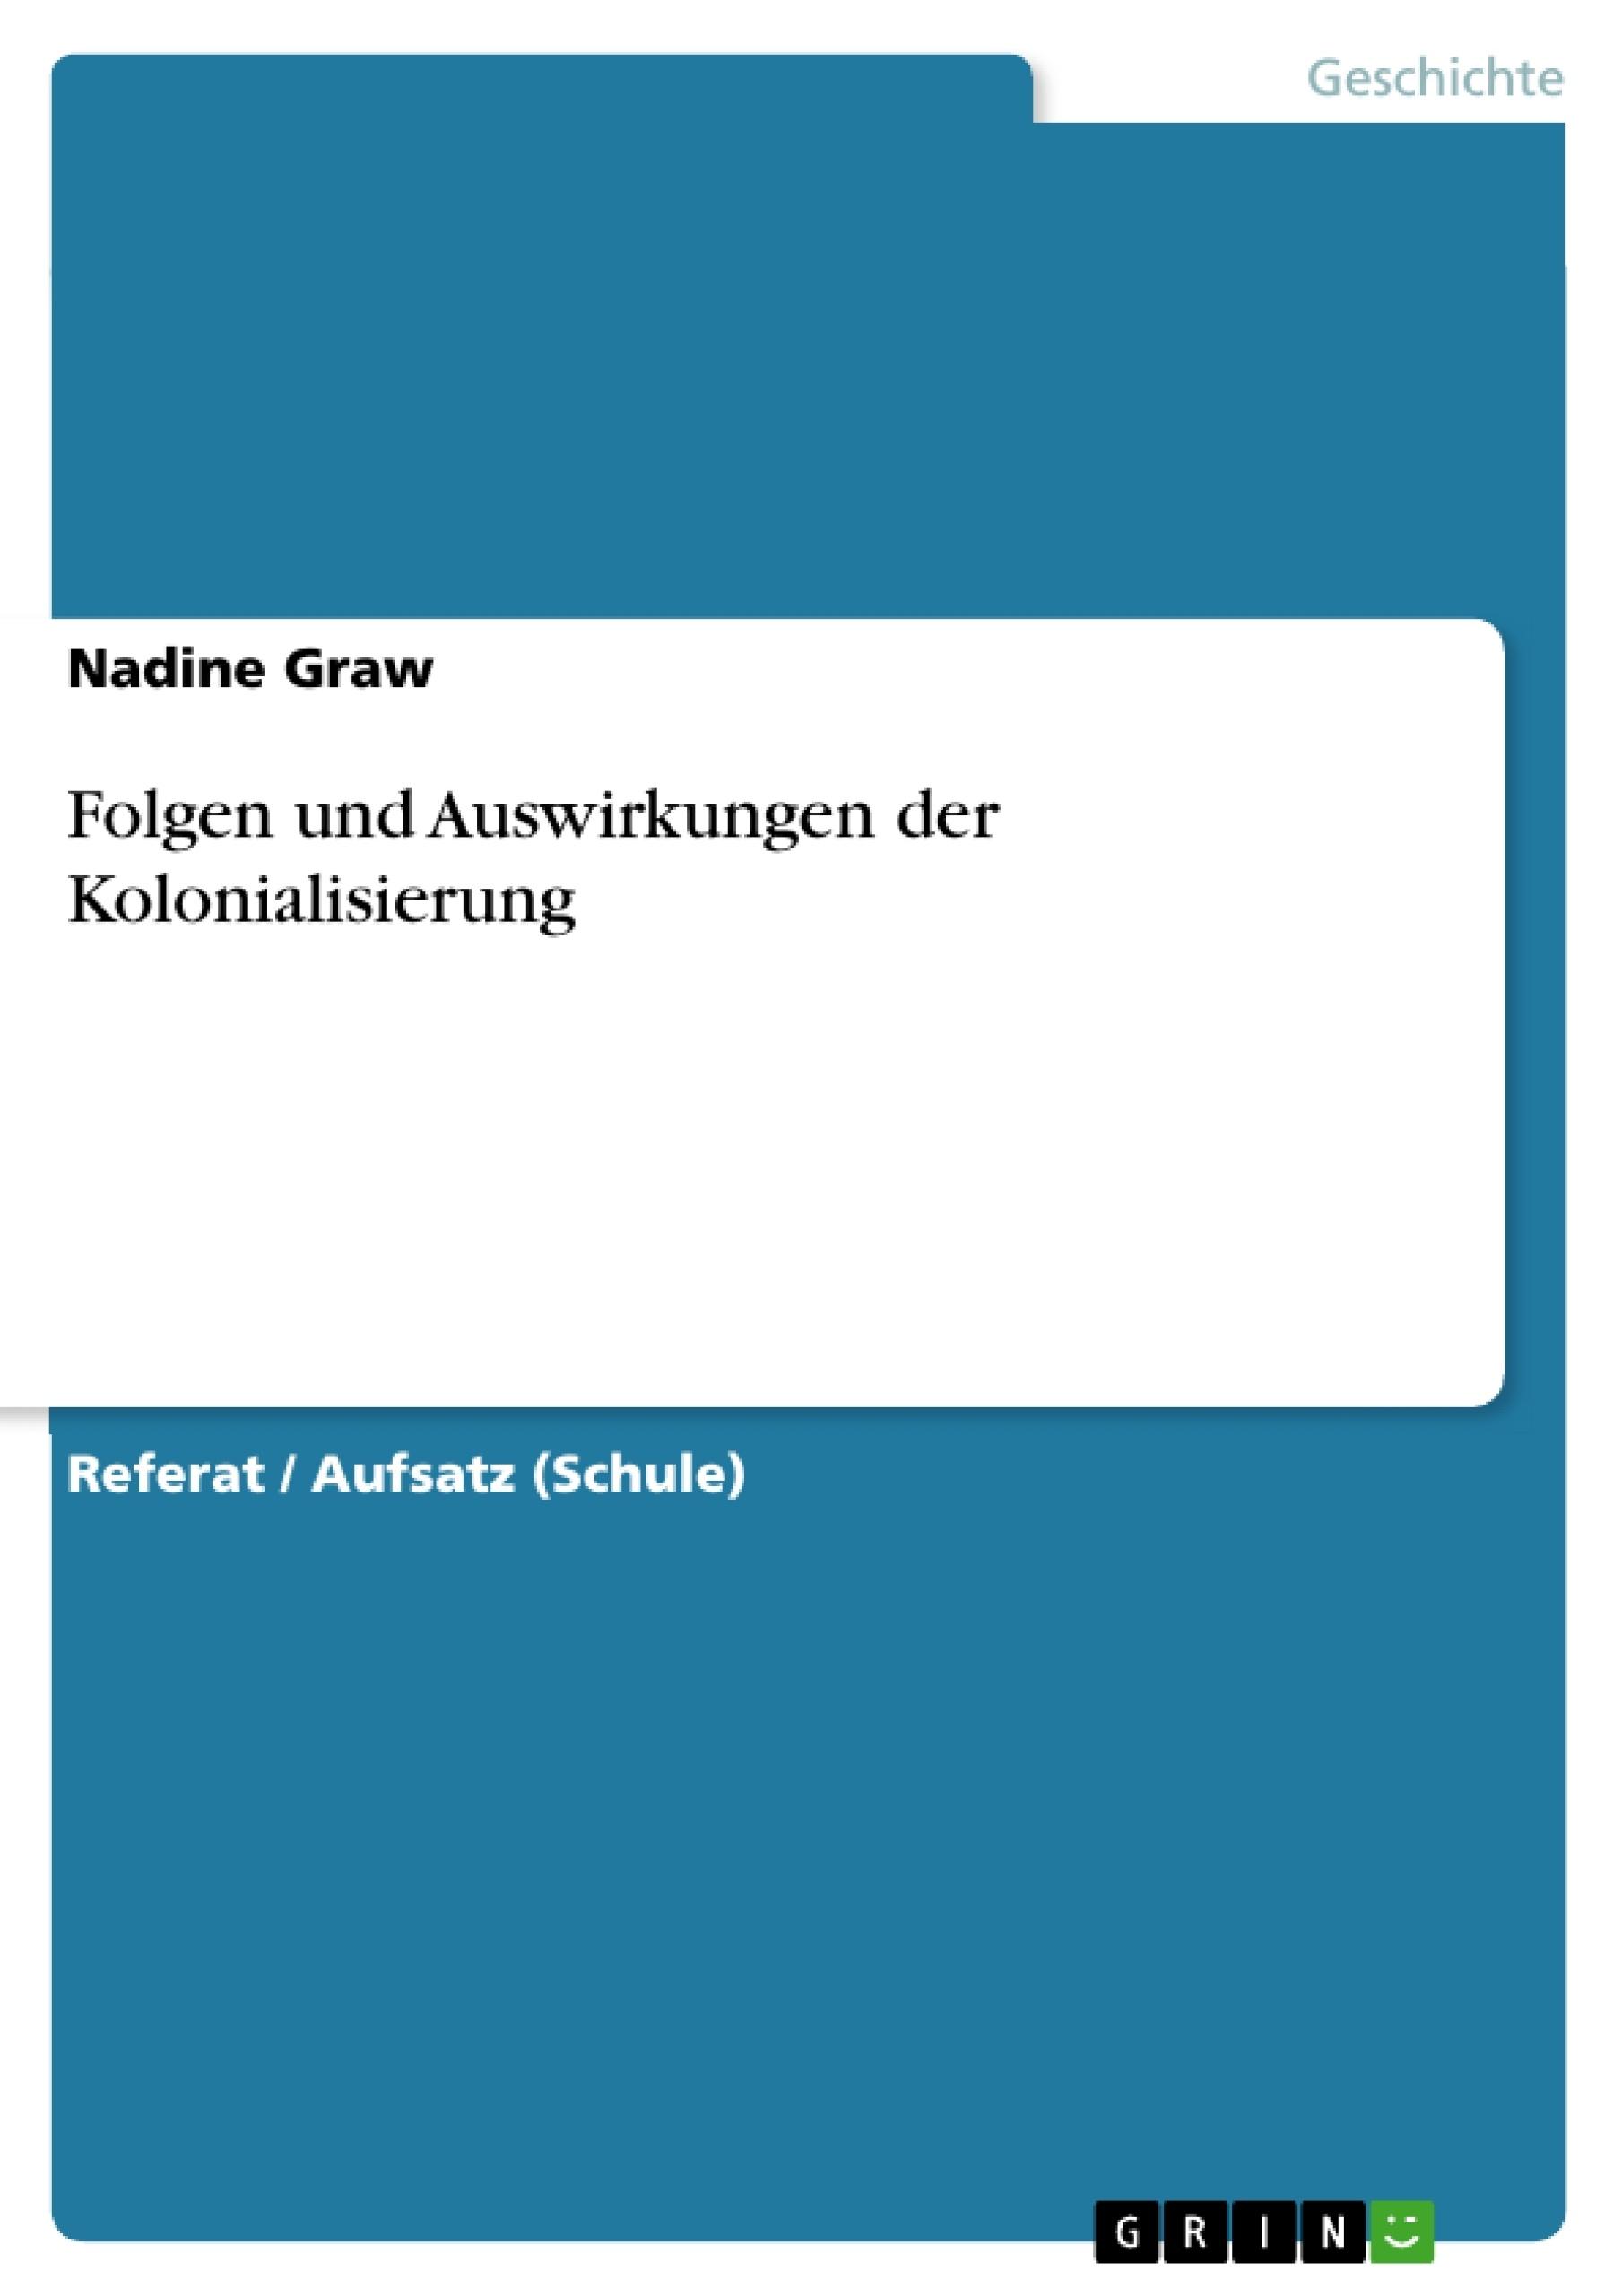 Titel: Folgen und Auswirkungen der Kolonialisierung